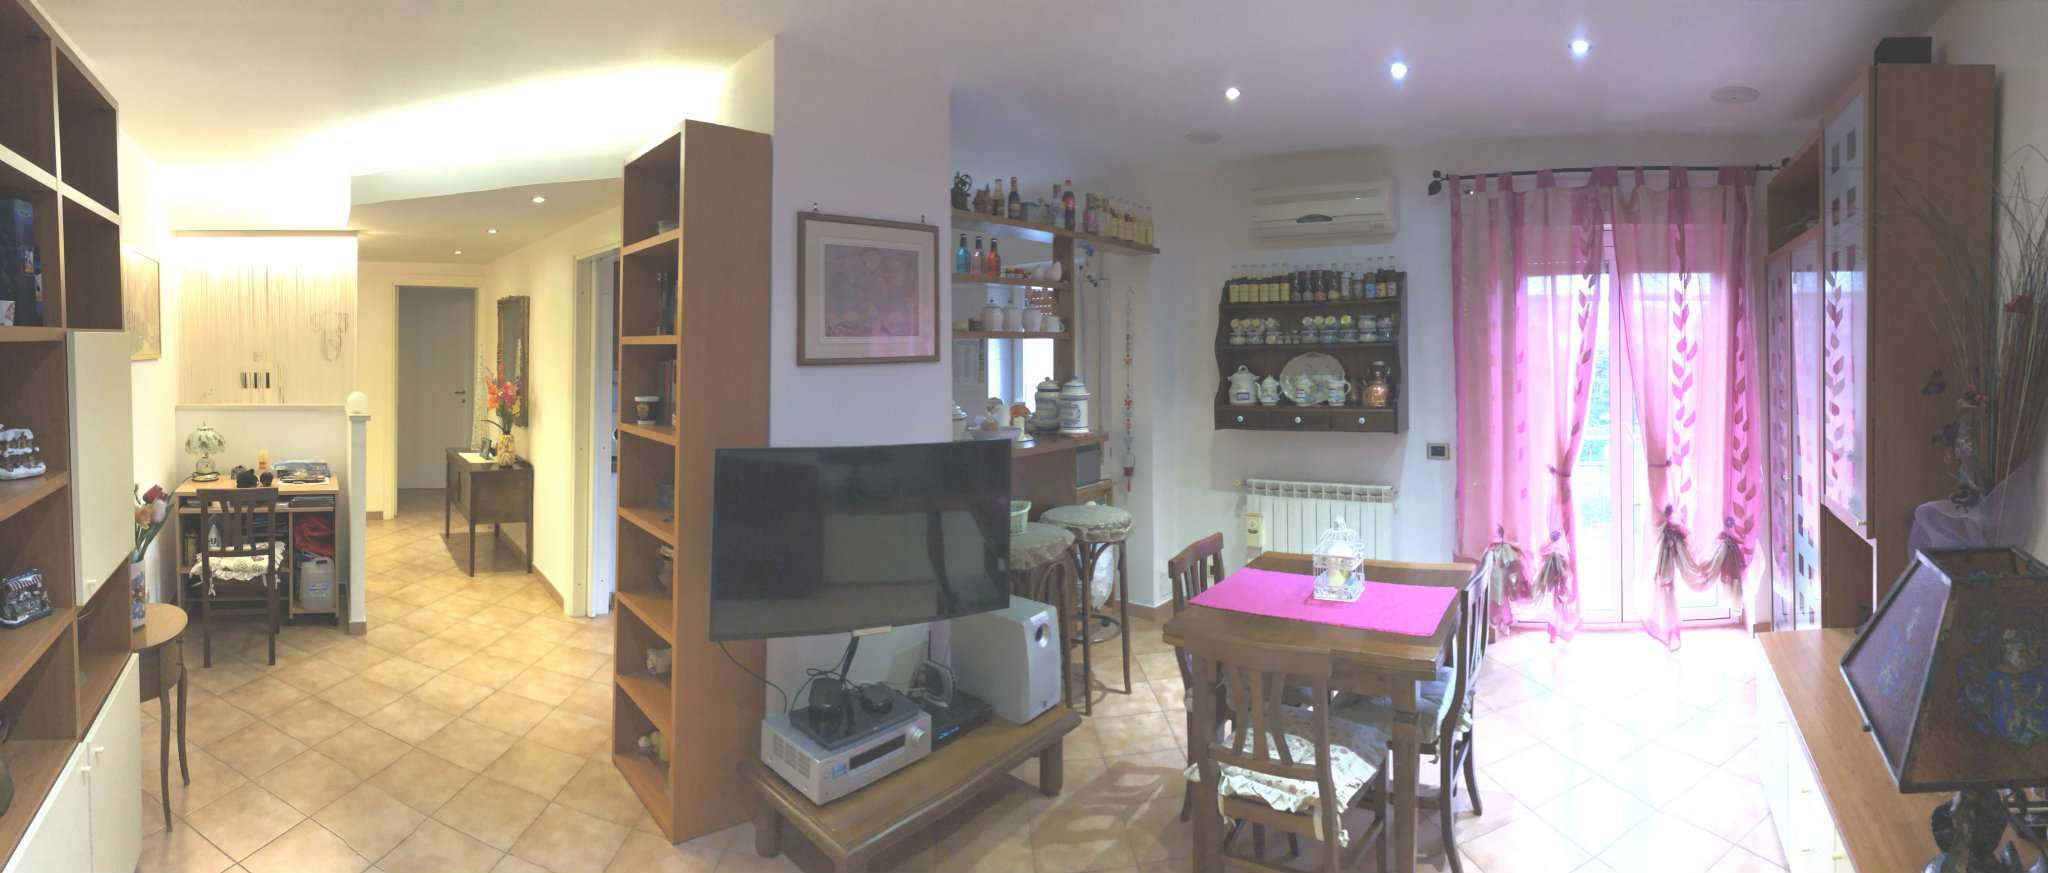 Appartamento ristrutturato in vendita Rif. 7948528